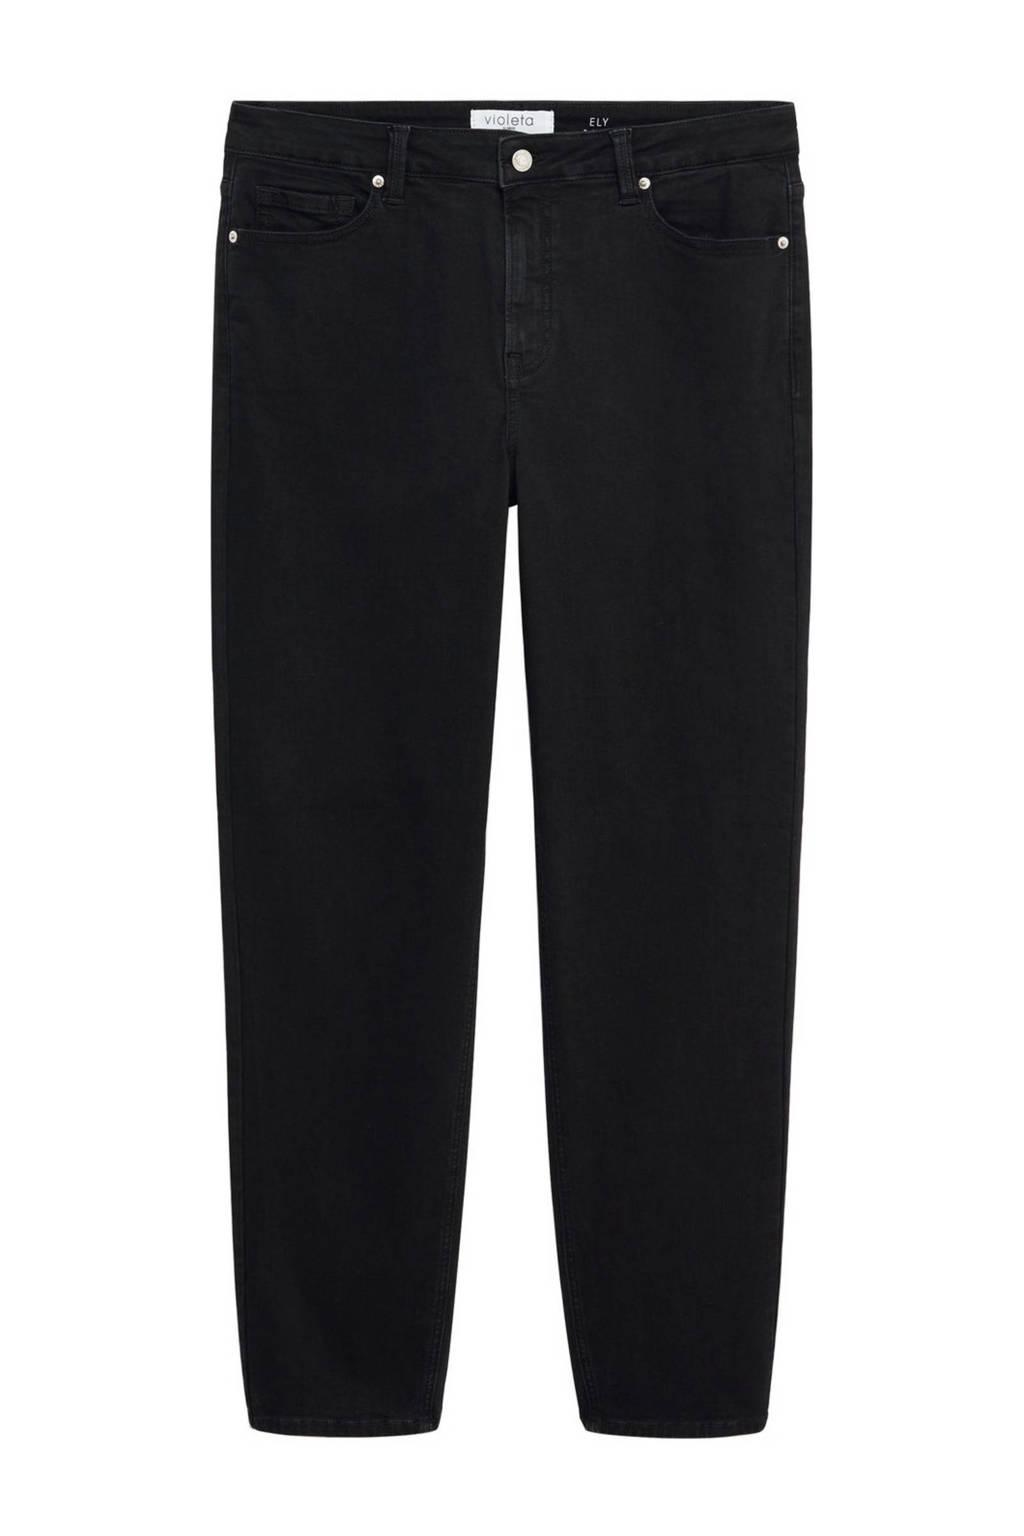 Violeta by Mango loose fit jeans Ely black, Black